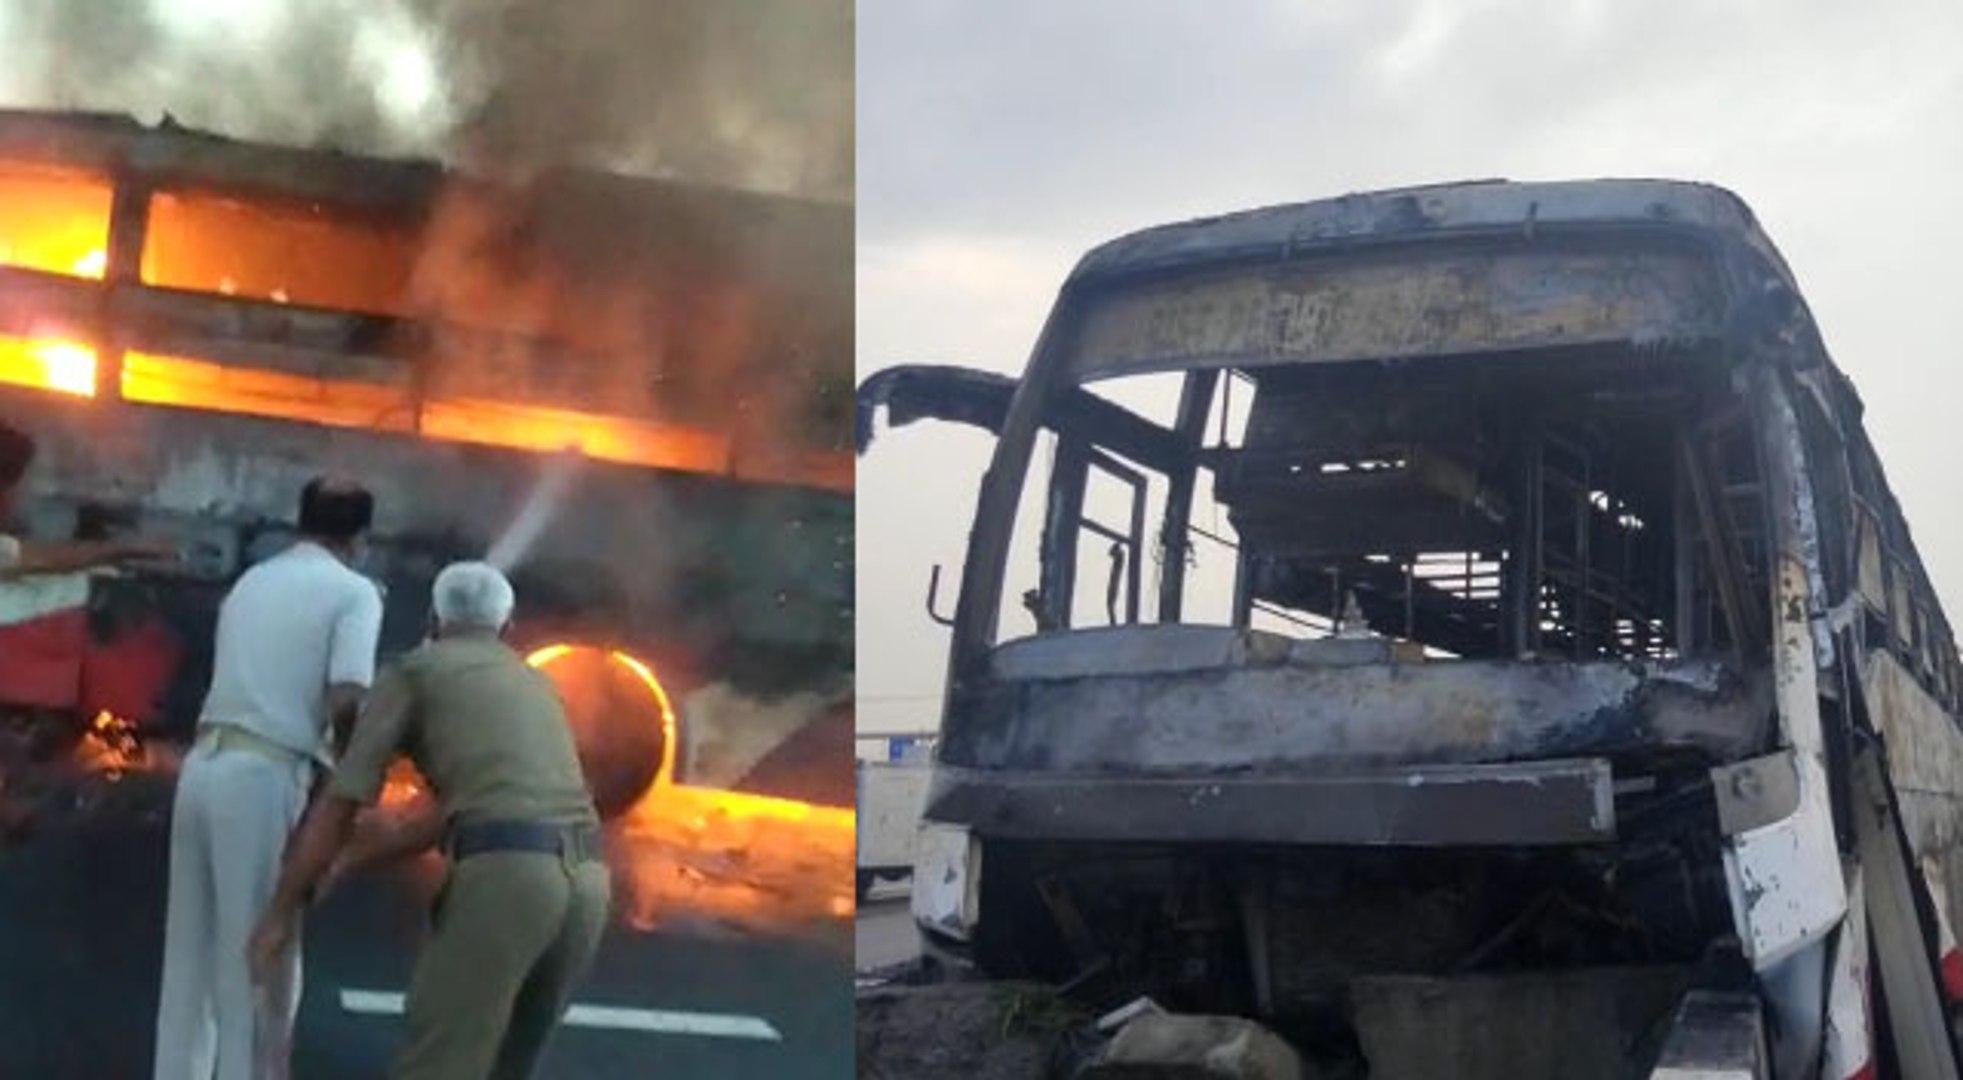 फिरोजाबाद: बिहार से गुजरात जा रही डबल डेकर बस में लगी आग, एक युवक जला जिंदा